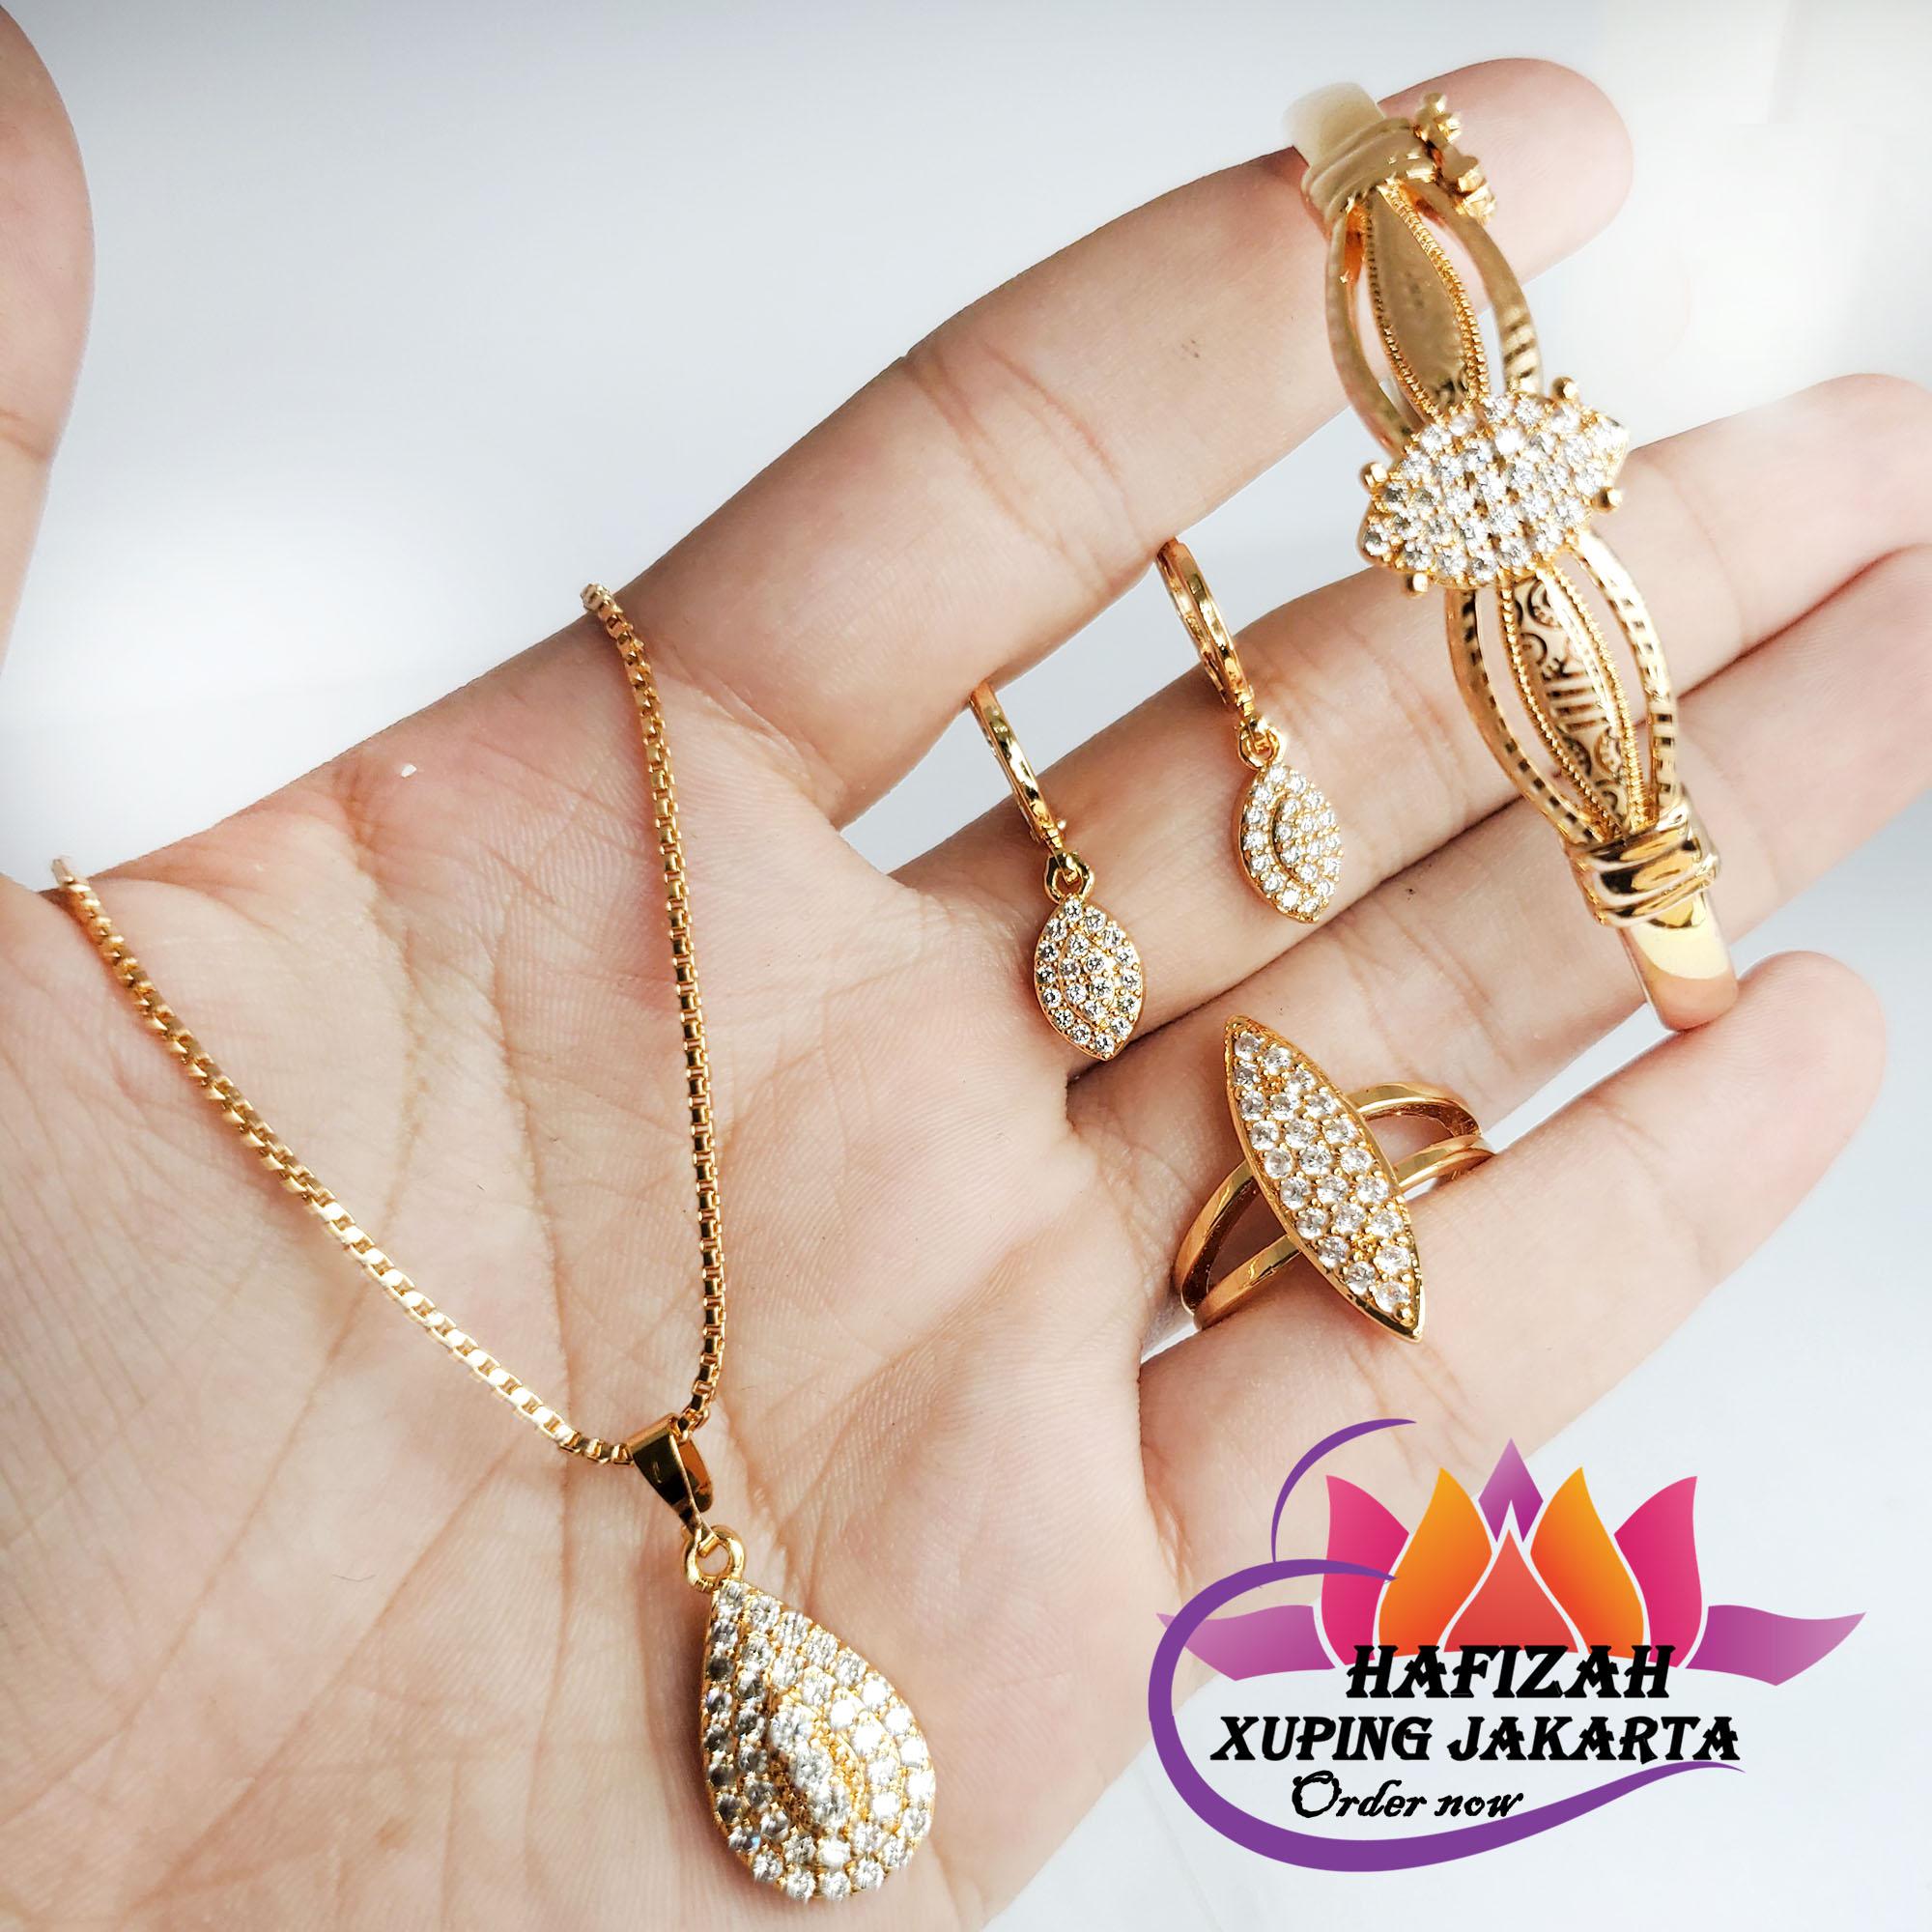 Dimana Beli Set Perhiasan Xuping Lengkap Wanra Perak ...